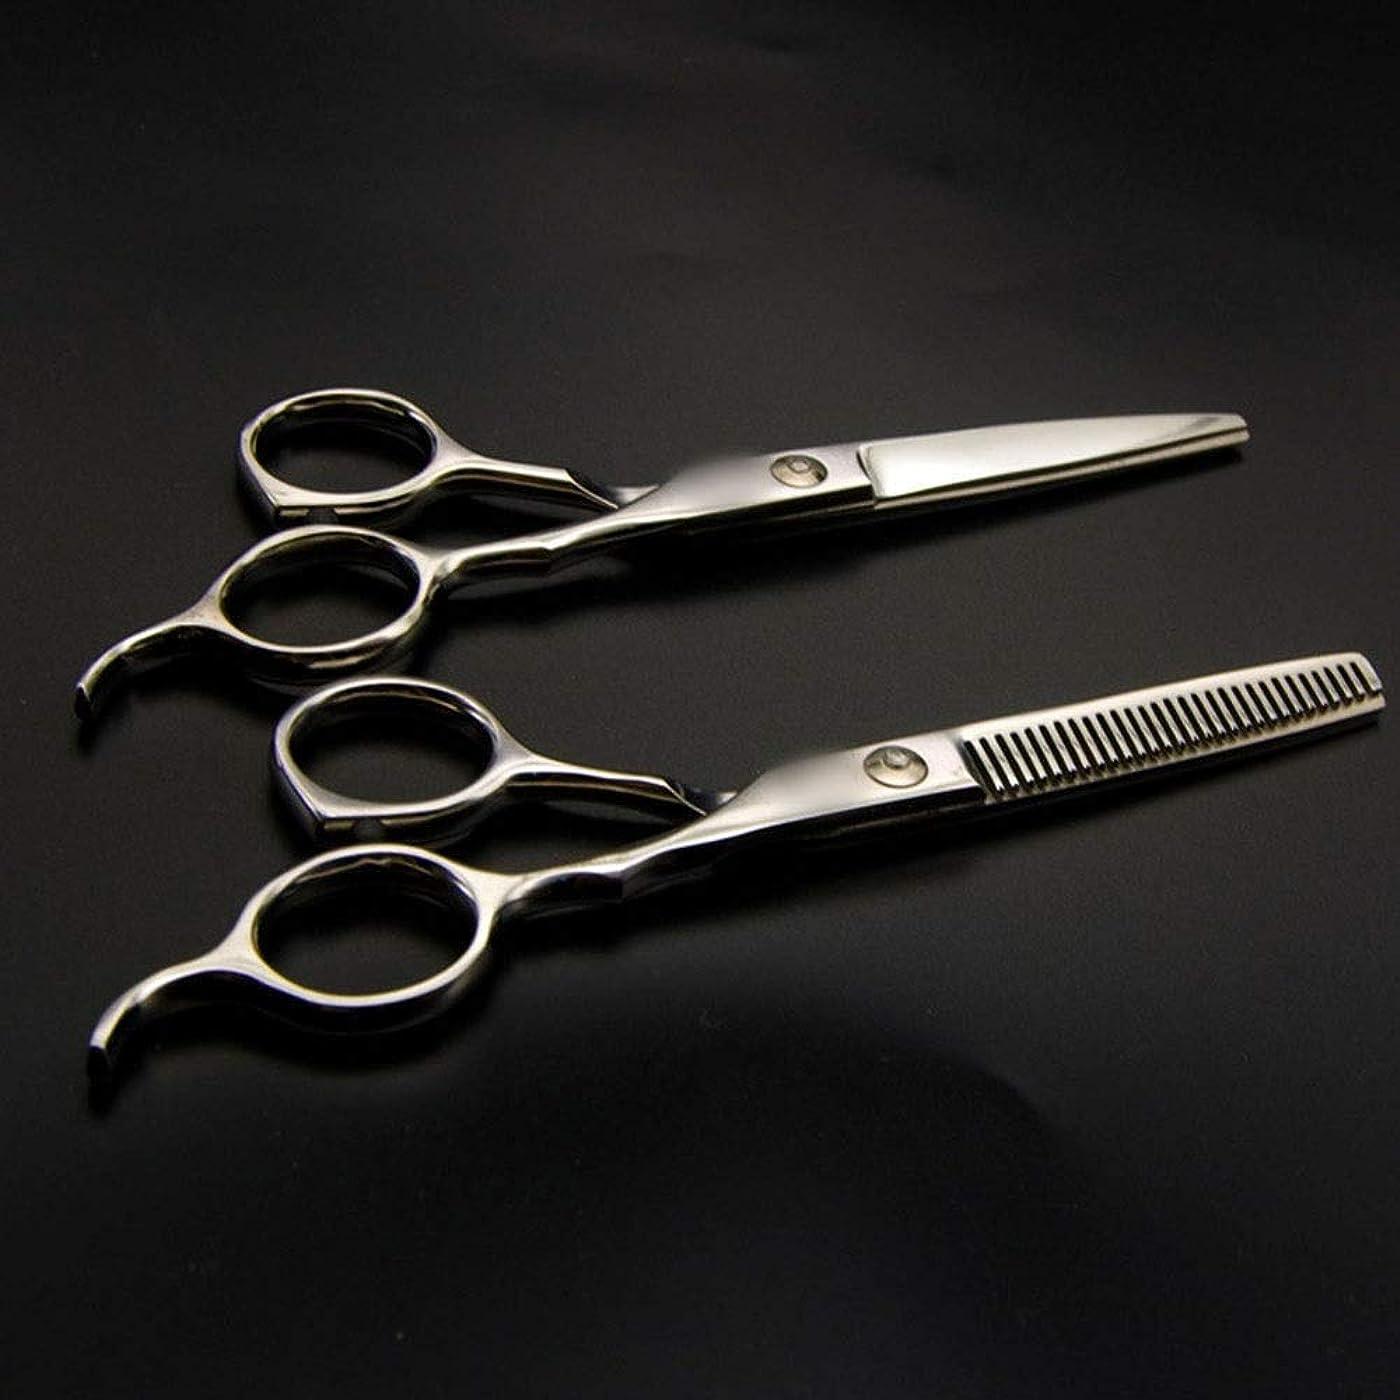 悩み分割評判ステンレス理髪はさみ、はさみセットの組み合わせ、理髪ツール モデリングツール (色 : Silver)